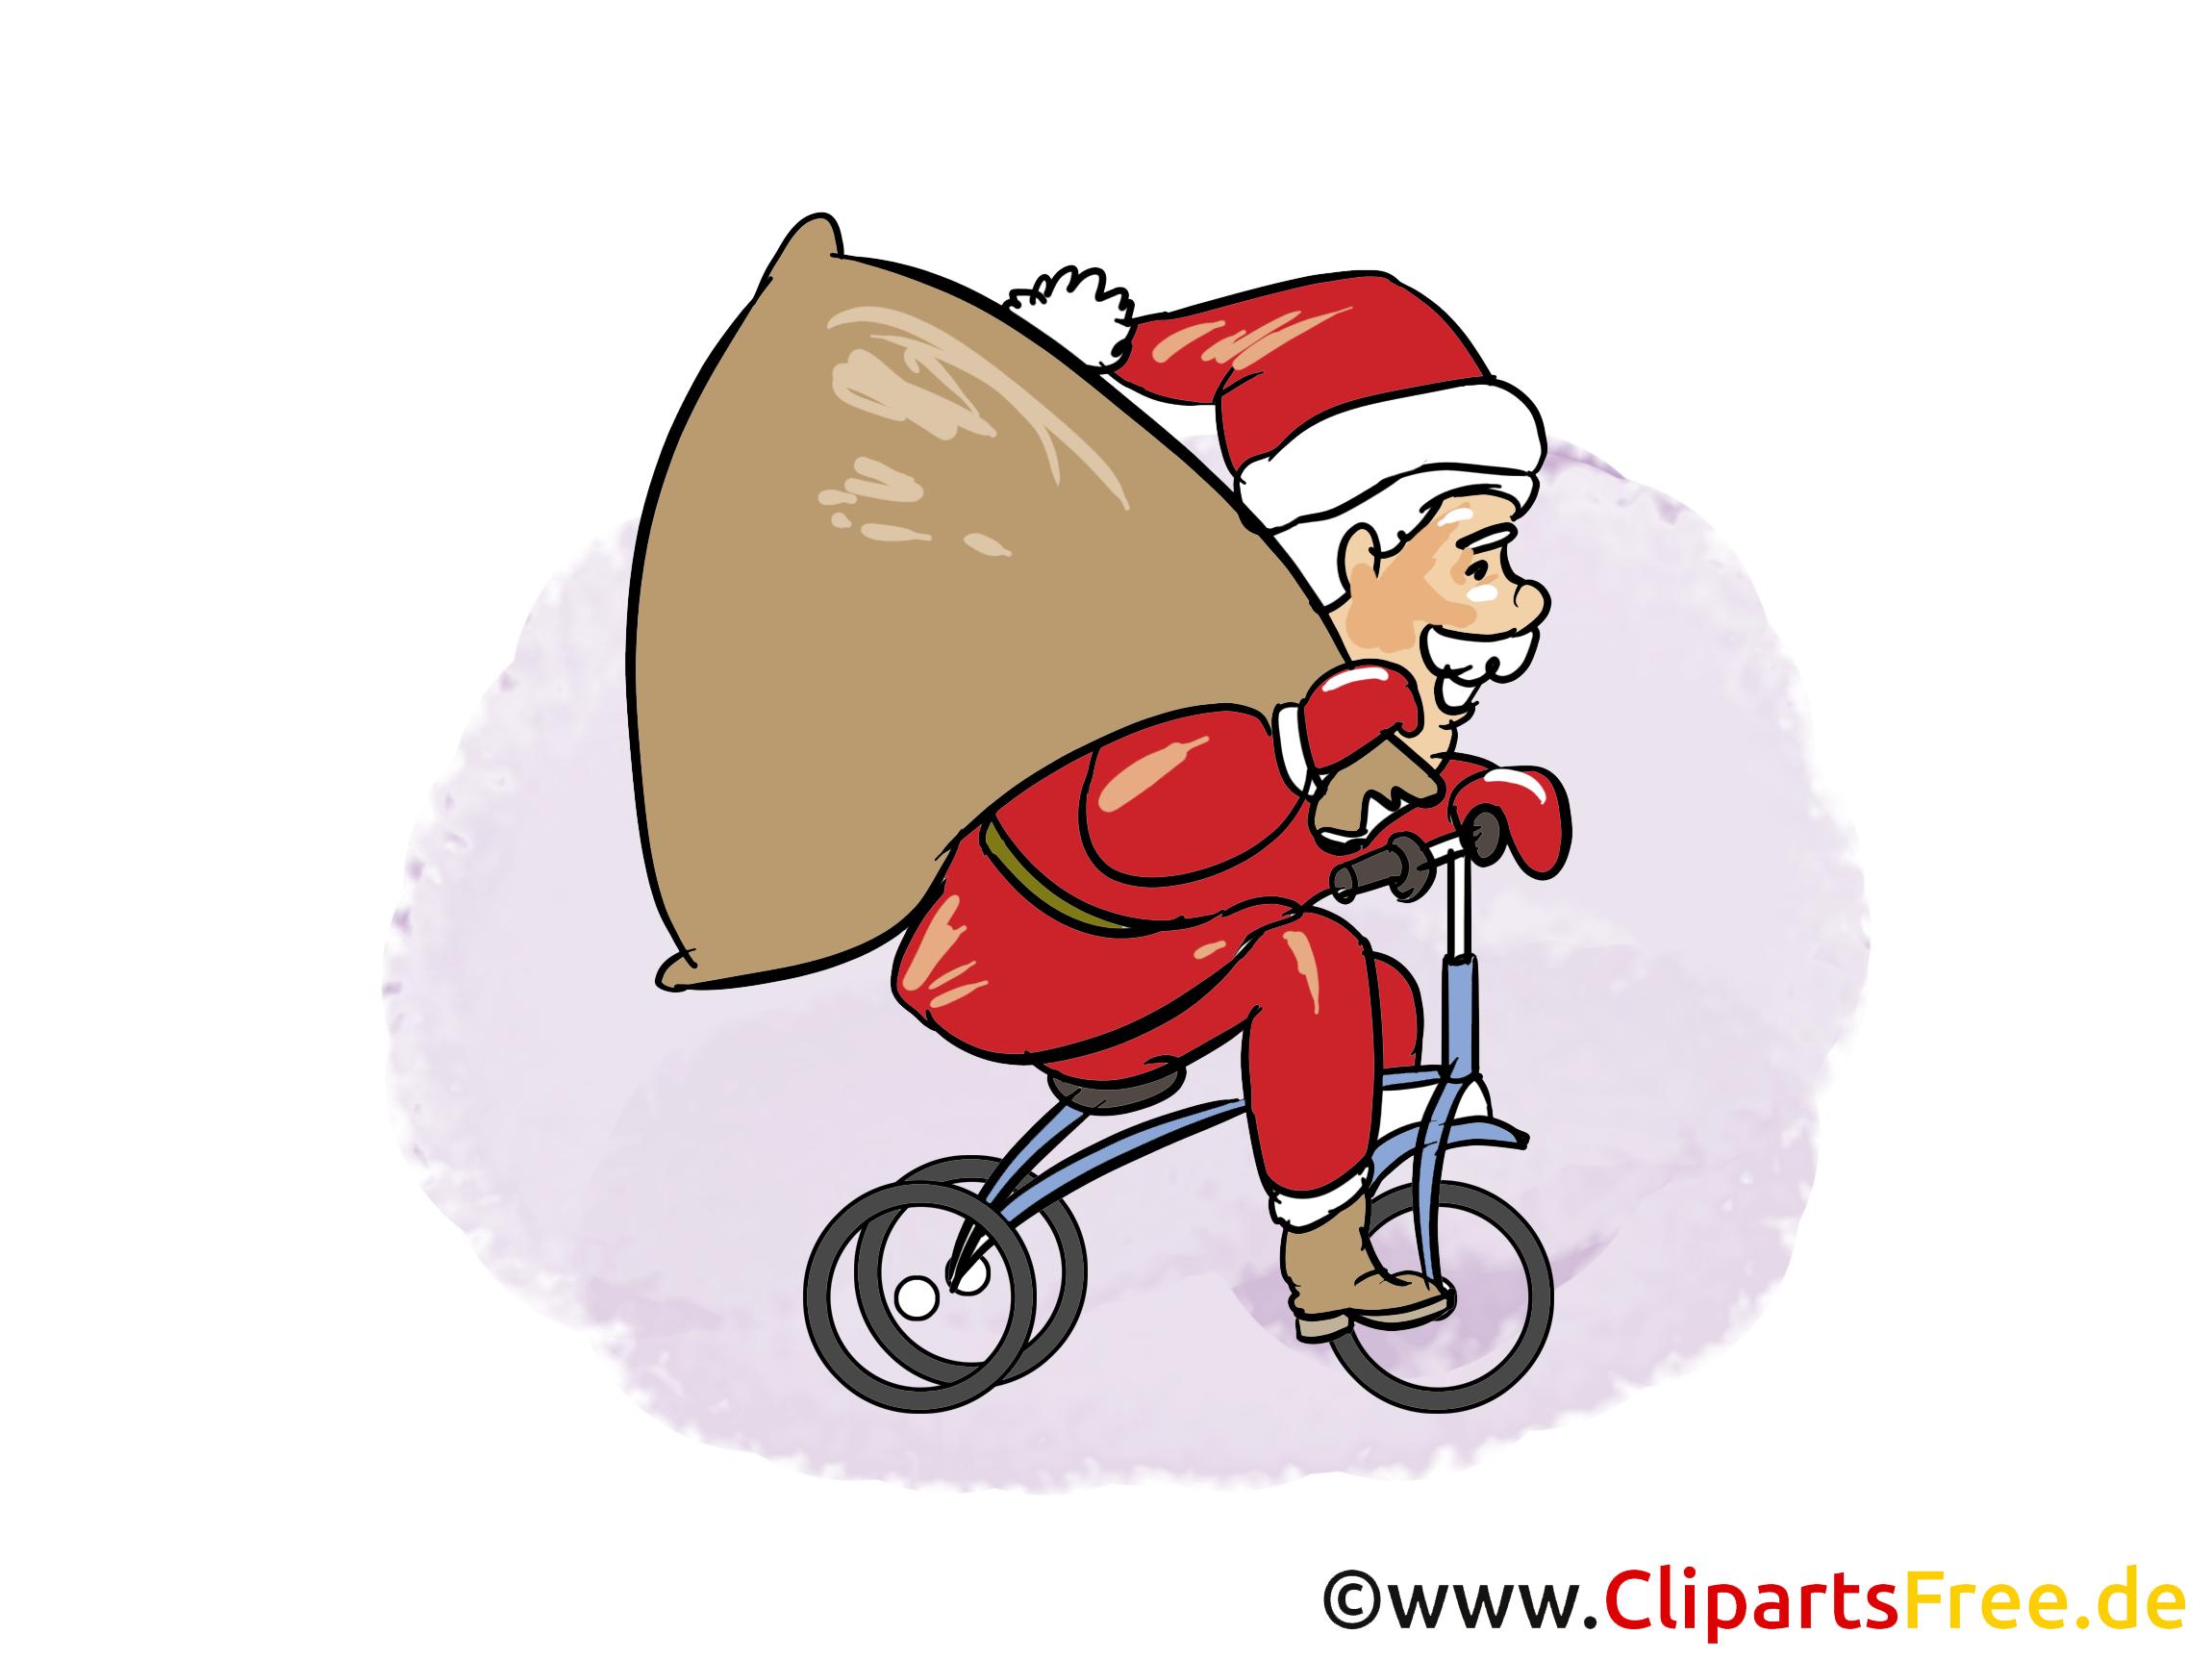 Kostenlose Bilder, Cartoon zu Silvester, Neujahr, Weihnachten  Kostenlose Bild...